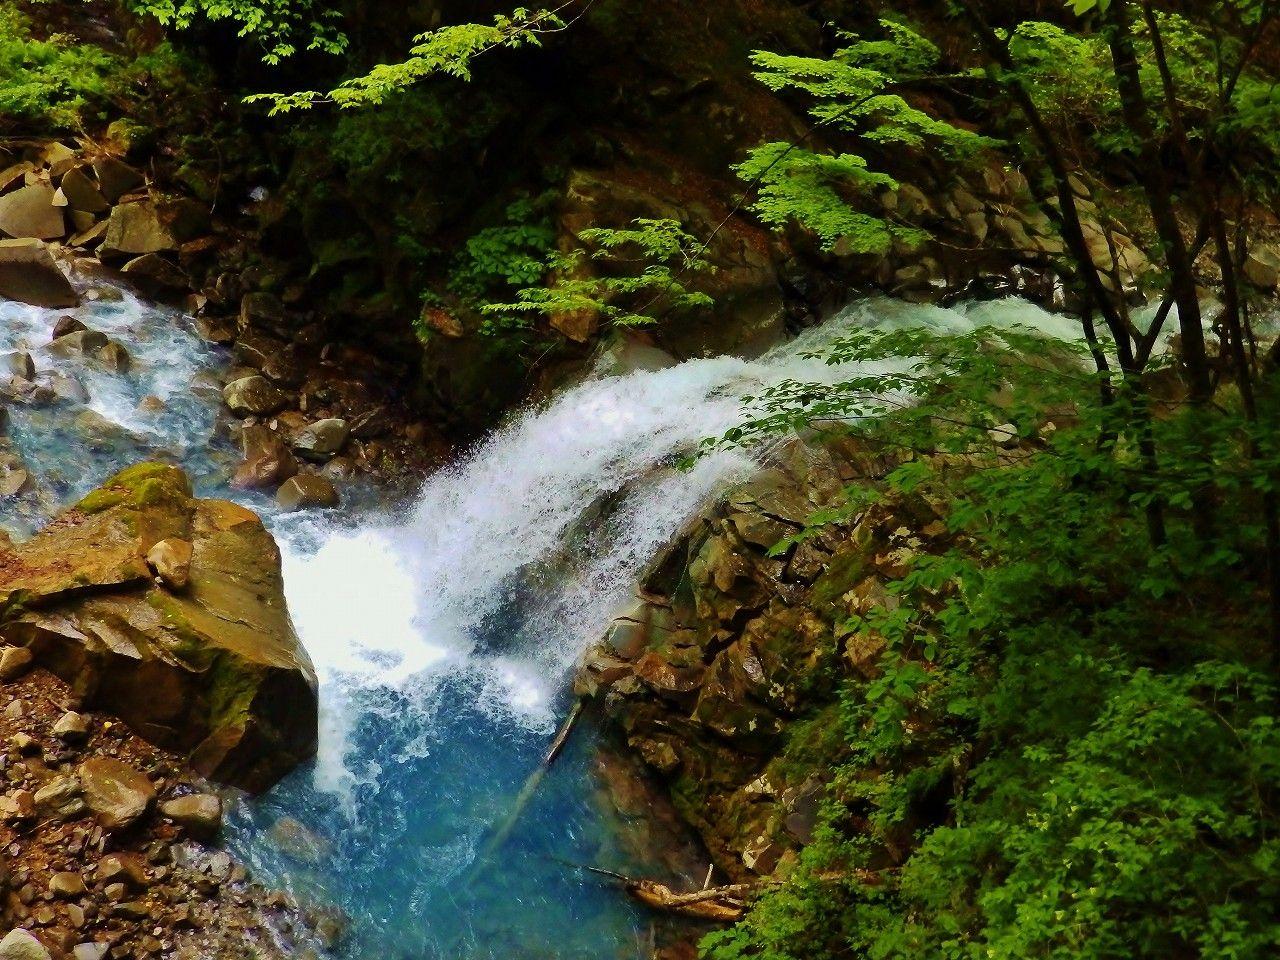 「仁三郎の滝(舞姫滝)」とスッカンブルーの蒼い水を愉しむ